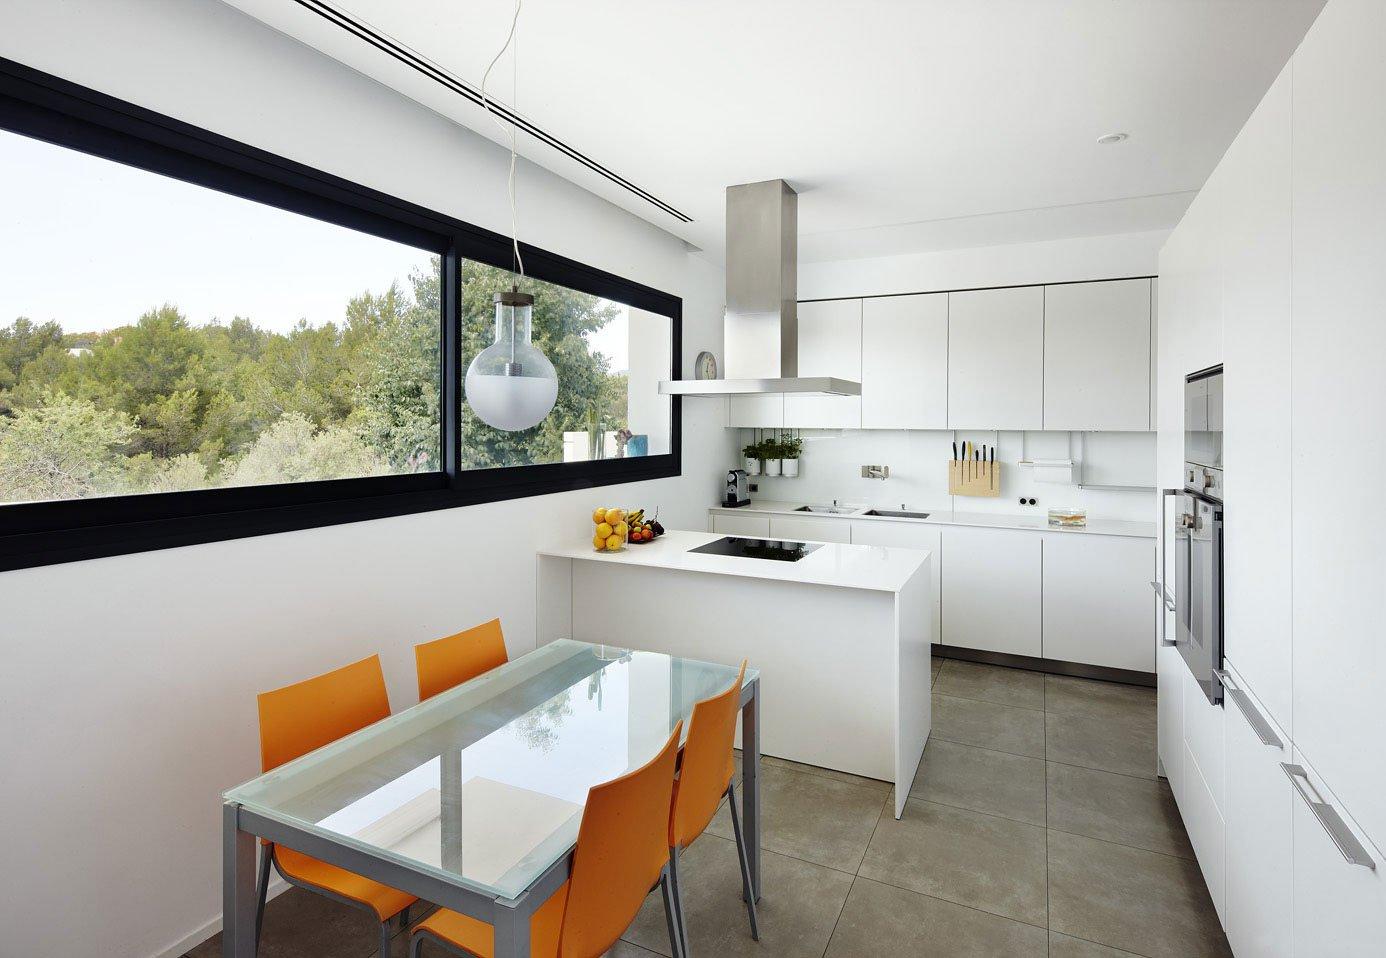 Dise o de casa con piscina de dos pisos for Diseno para cocina comedor